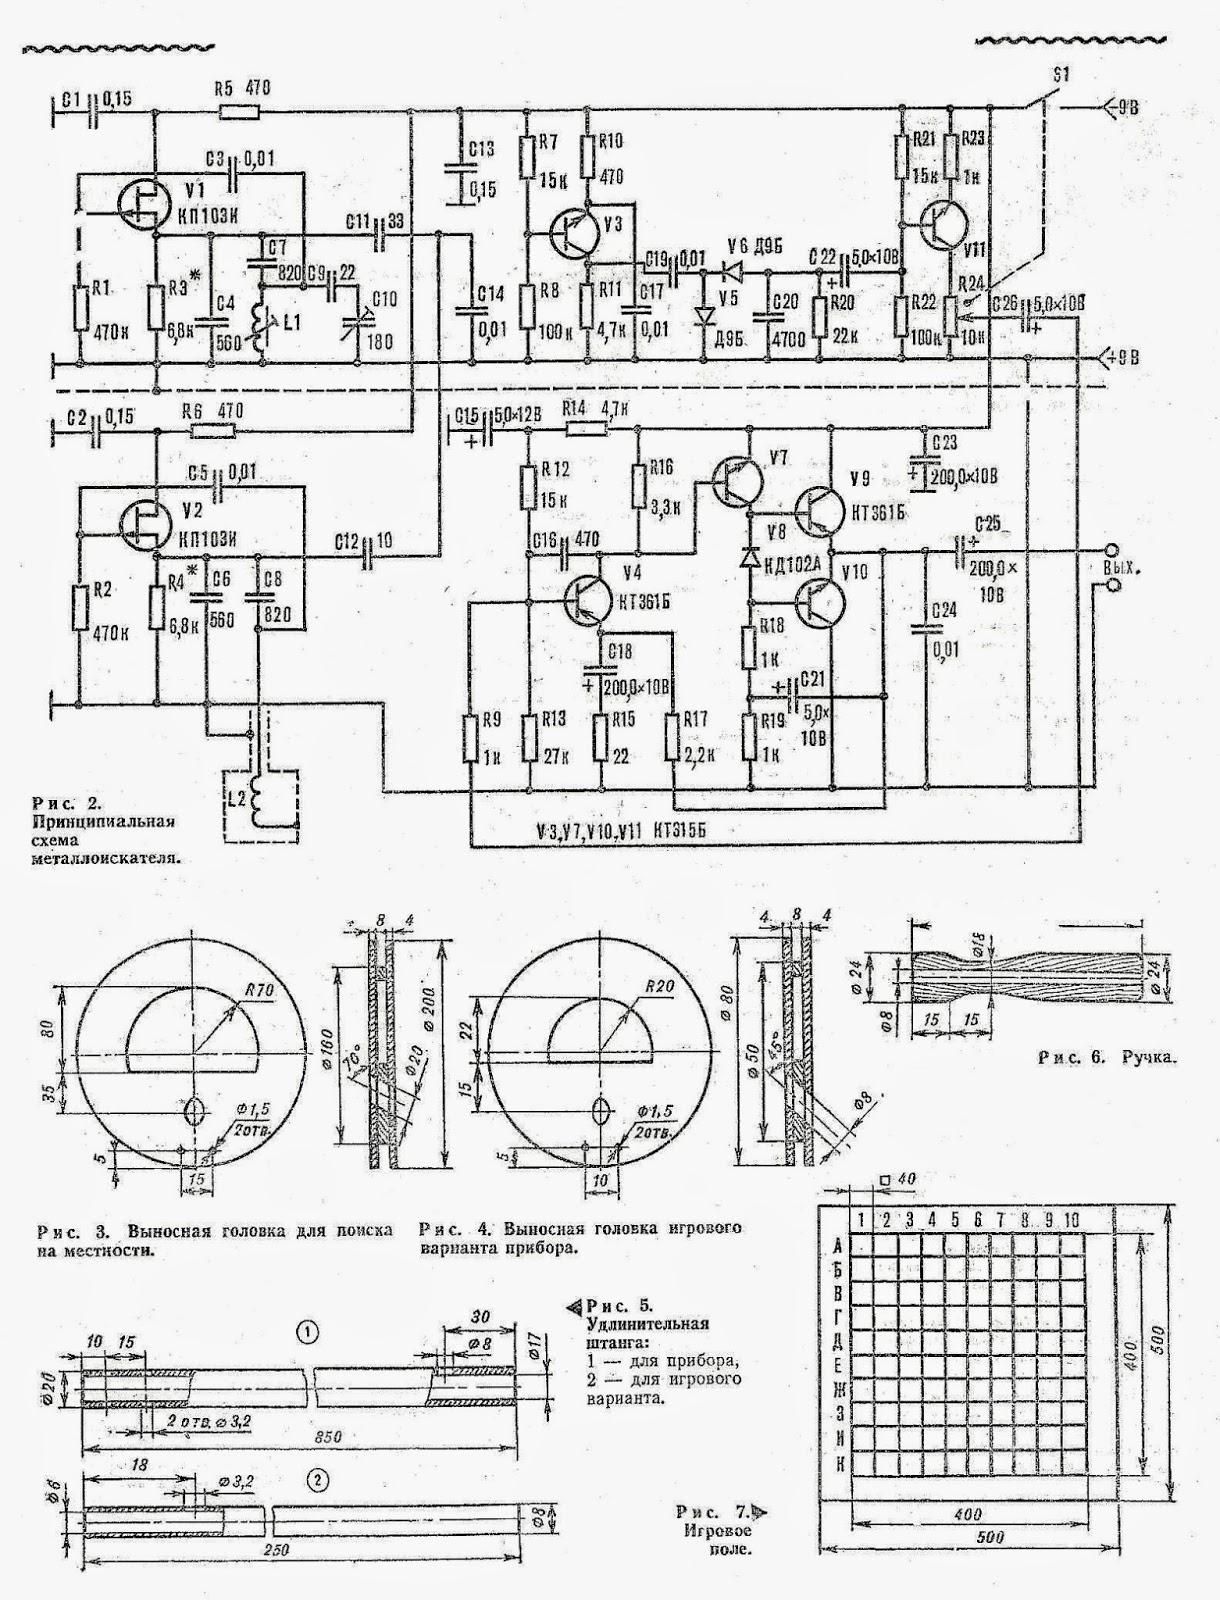 Подробное описание как изготовить металлоискатель по схеме